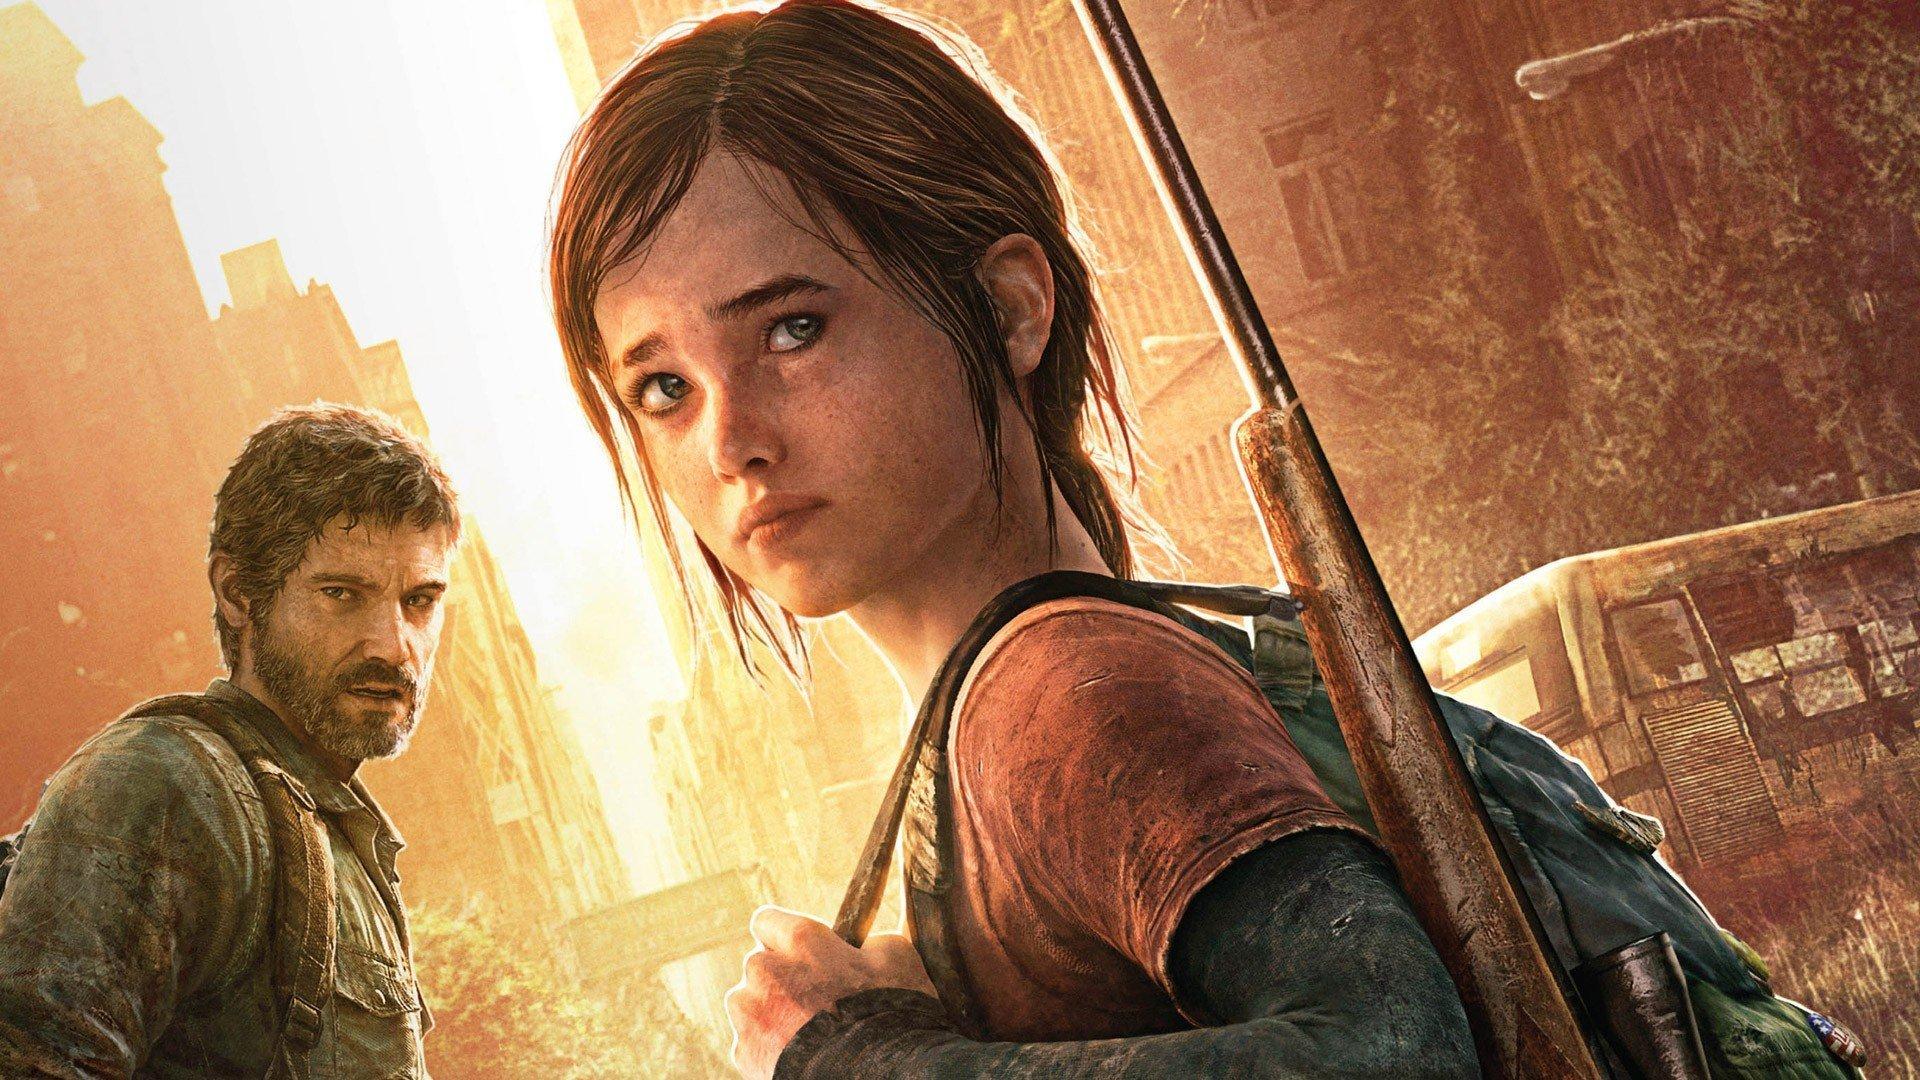 The Last of Us: in arrivo una serie HBO dell'autore di Chernobyl